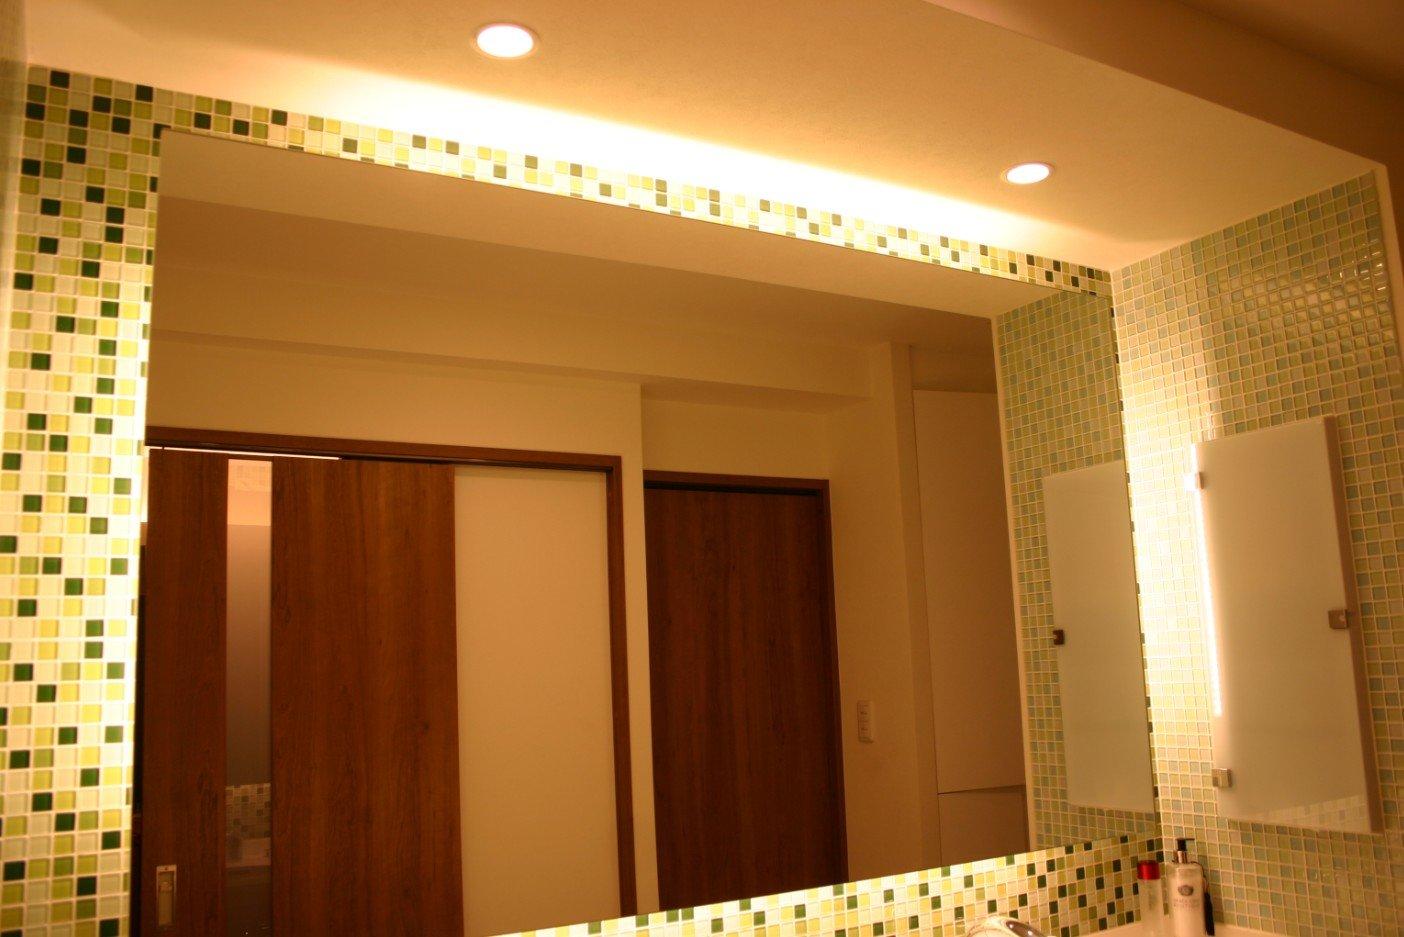 間接照明で照らすモザイクタイル、ガラスタイルのダブルボール洗面所(名古屋モザイク)の施工事例。鏡裏からの間接照明がお洒落です。